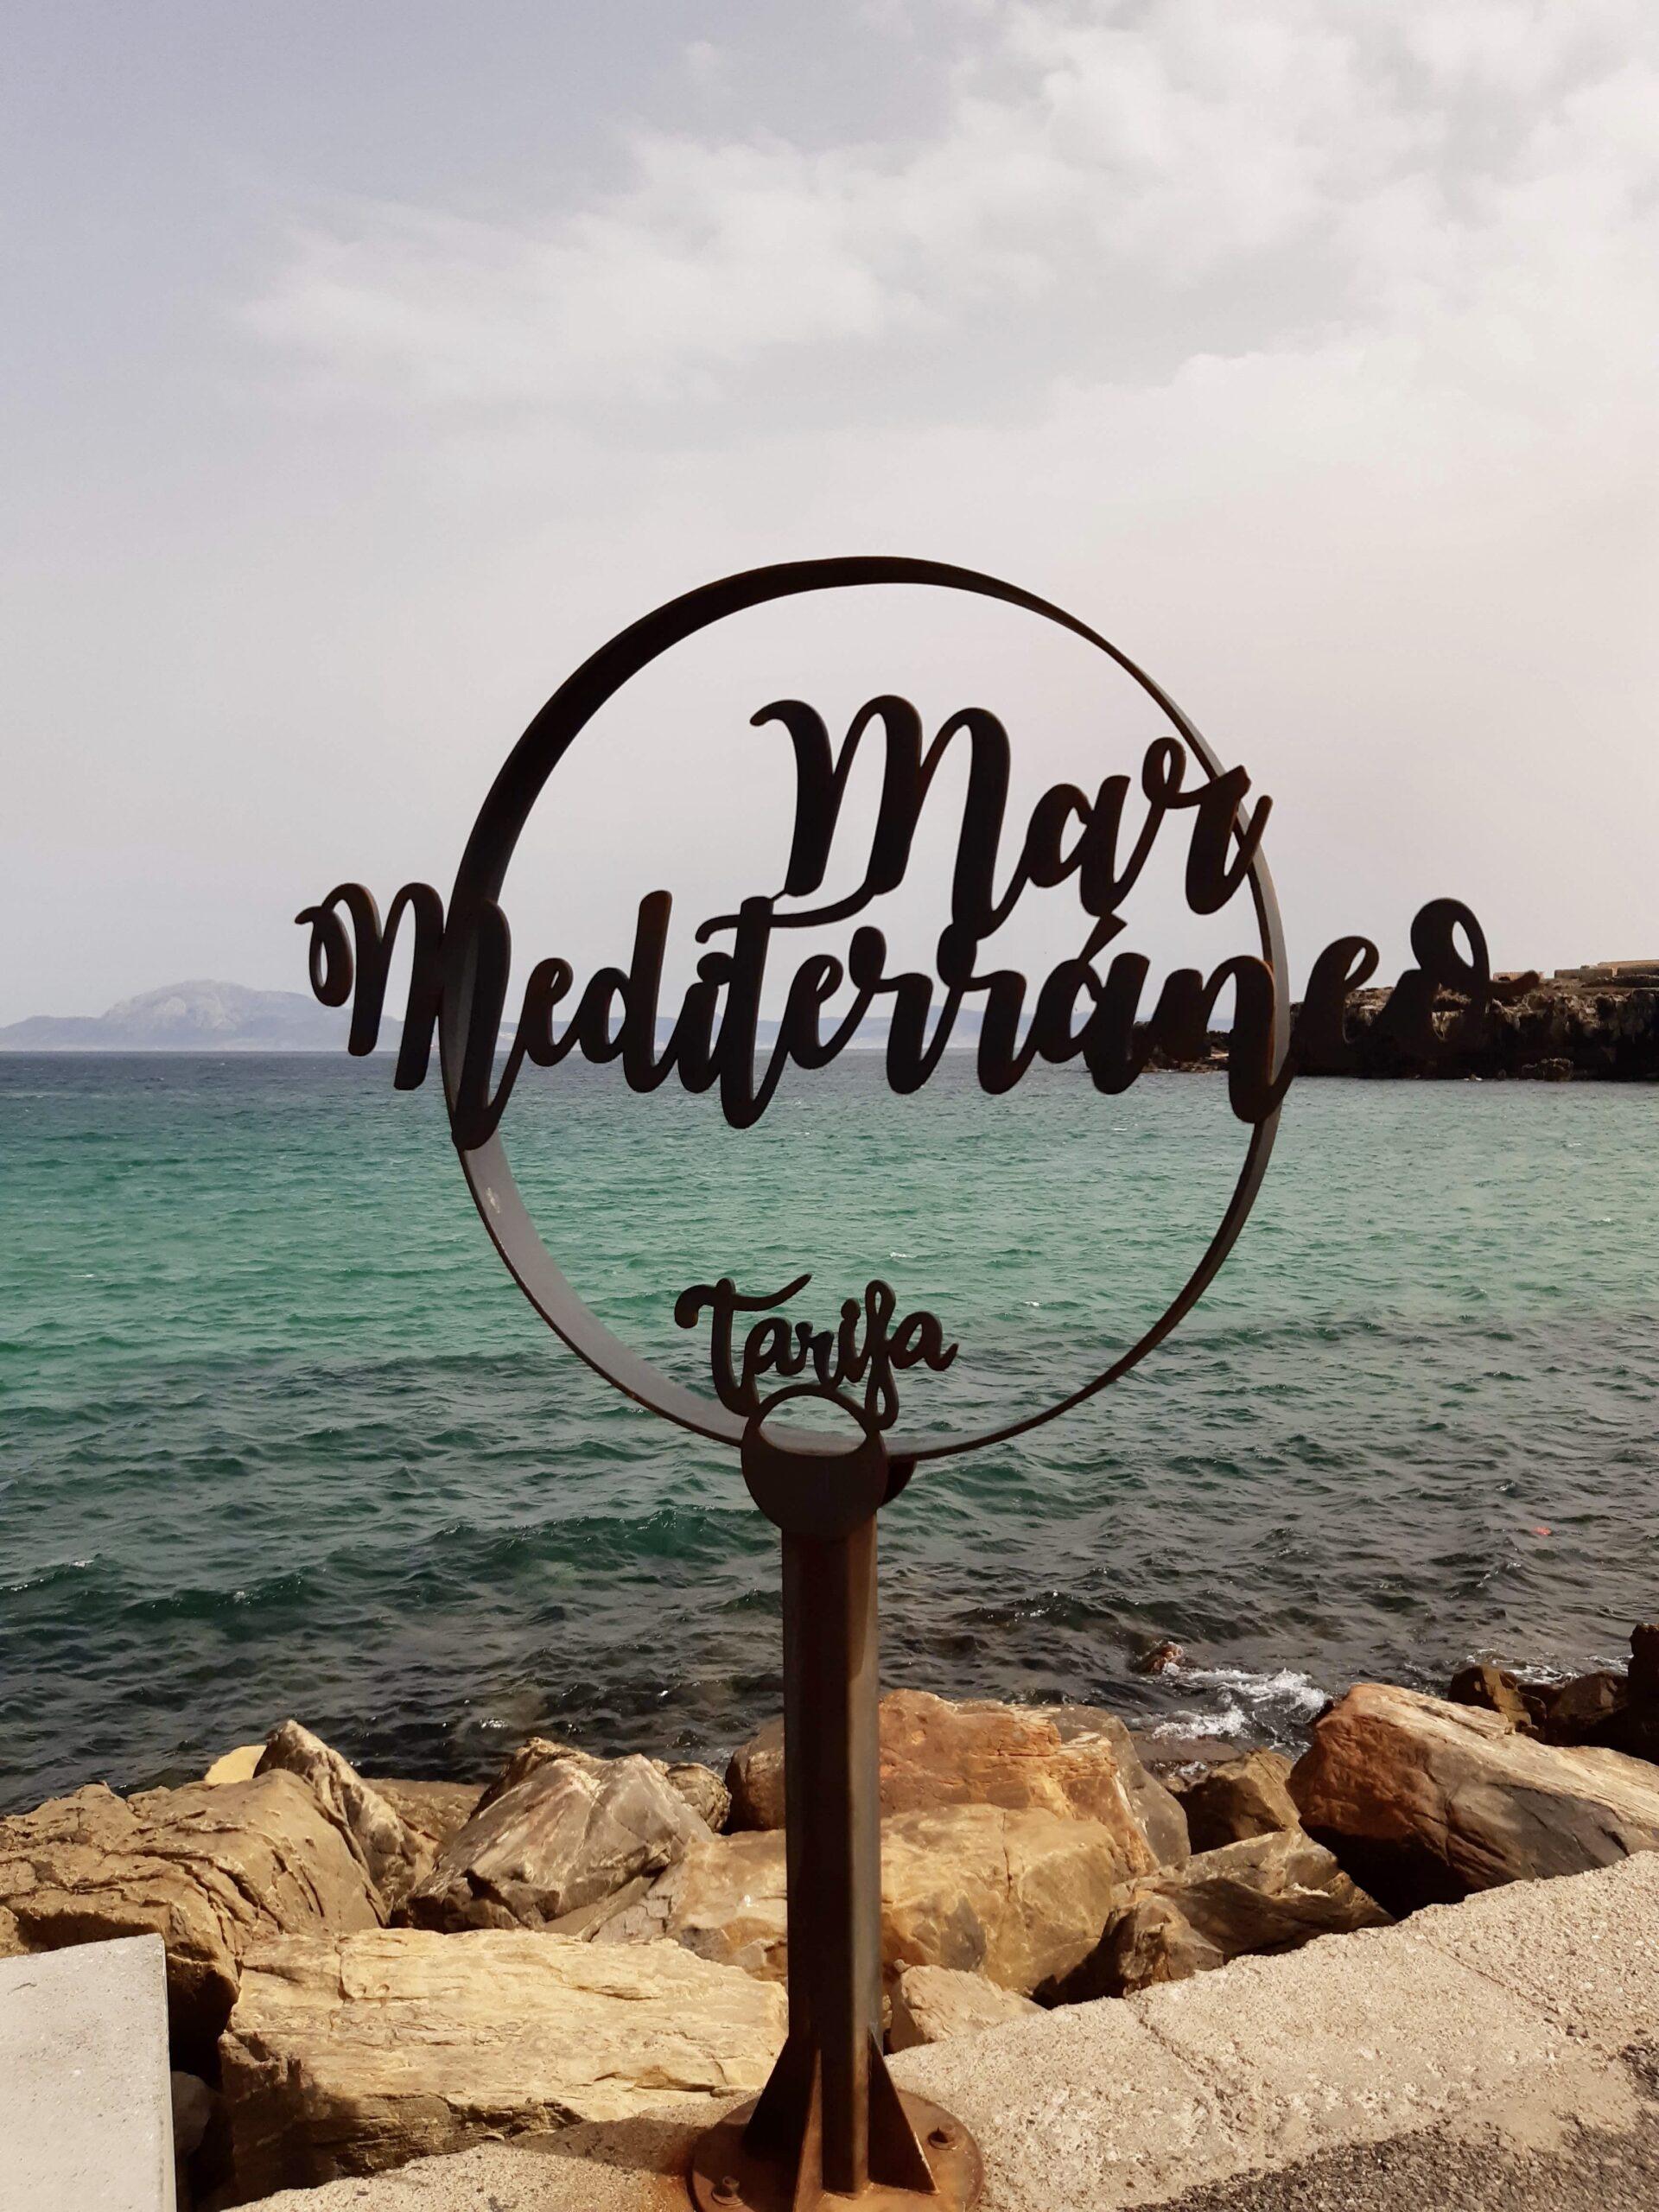 Mediterranean Sea Tarifa